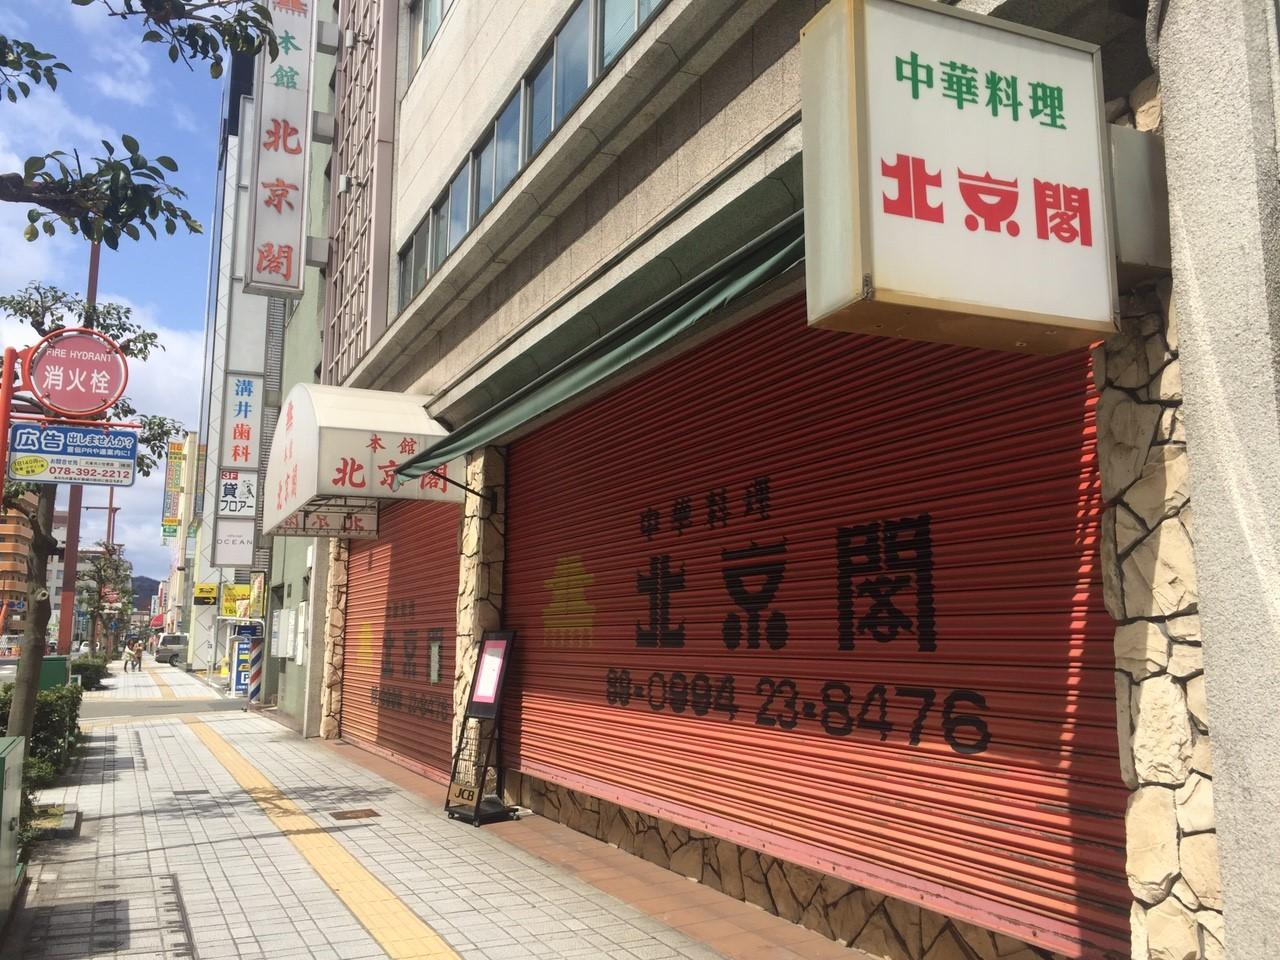 北京かくが閉店している_7620